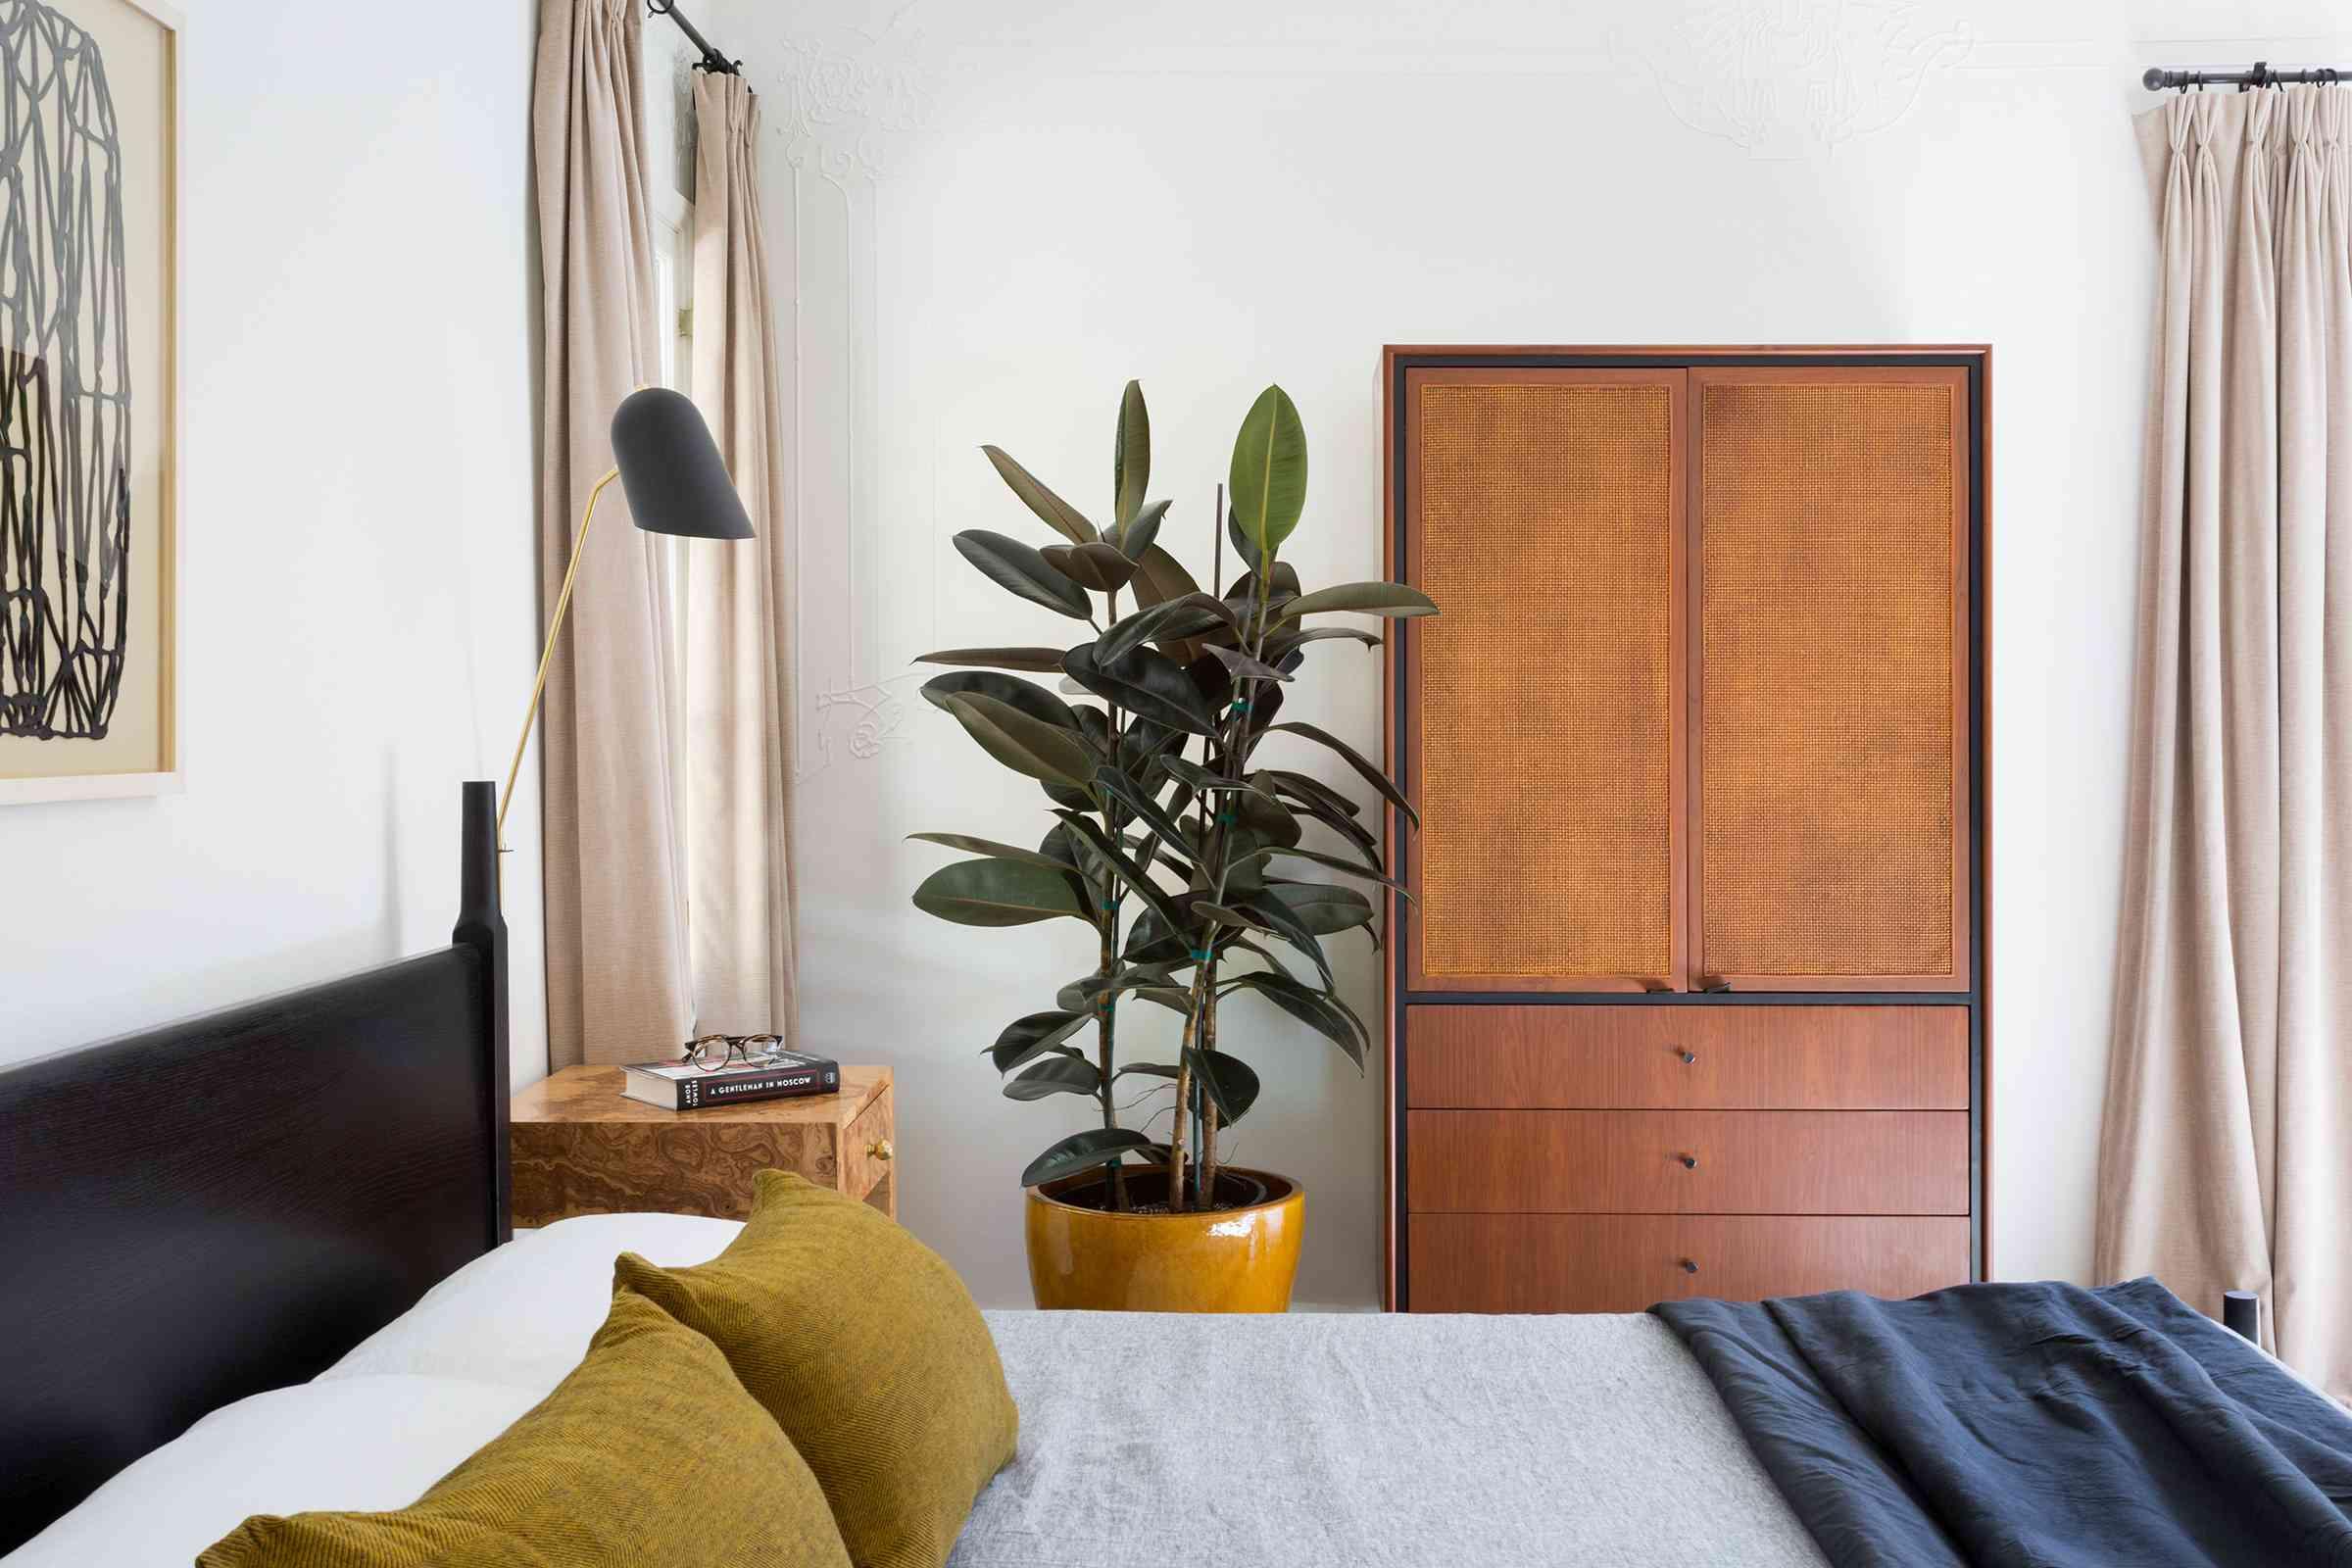 best window plants: rubber tree